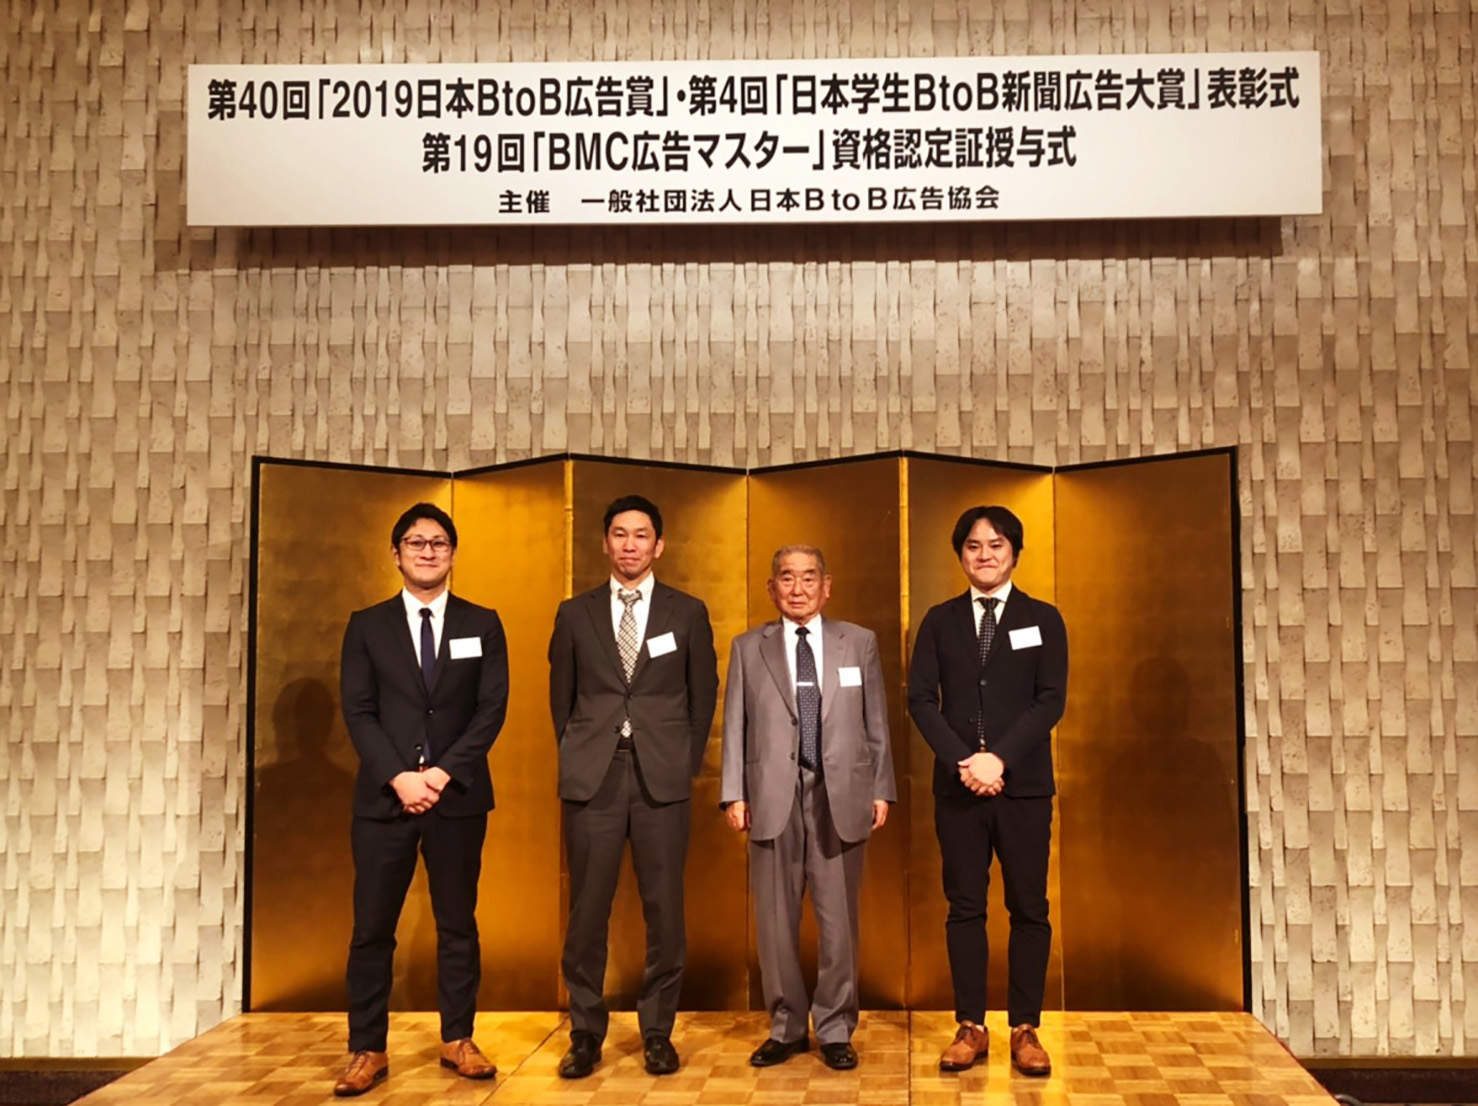 ▲株式会社アーチ電工様(中央のお二人)とパラドックスのメンバー